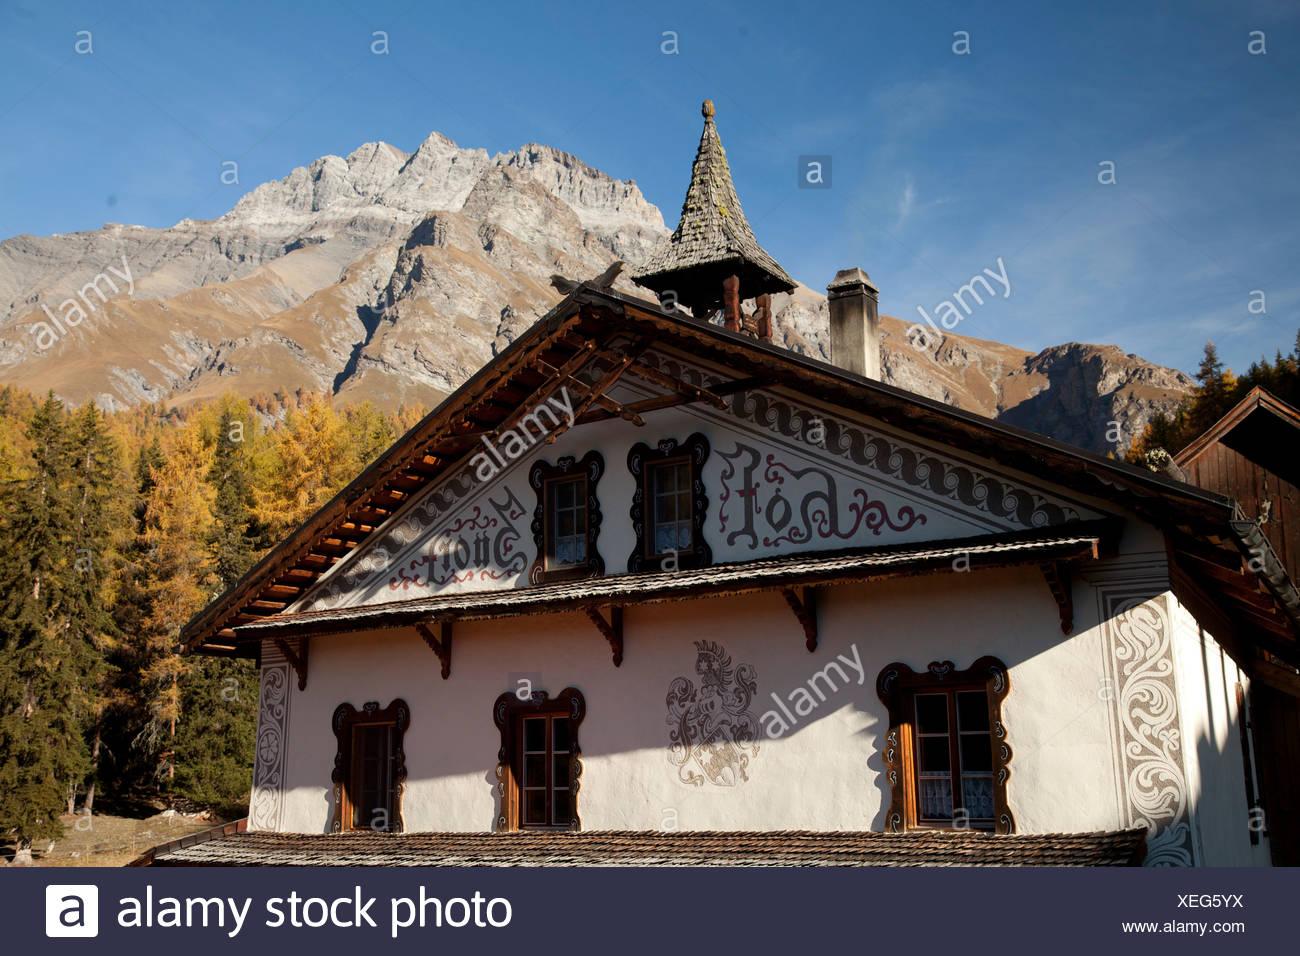 Berggasthaus, Choglias, Gasthaus, Gasthof, Graubünden, Graubünden, Herbststimmung, Schweiz, Europa, Sent, Unterengadin, Val Sinestra, Vna, Stockbild